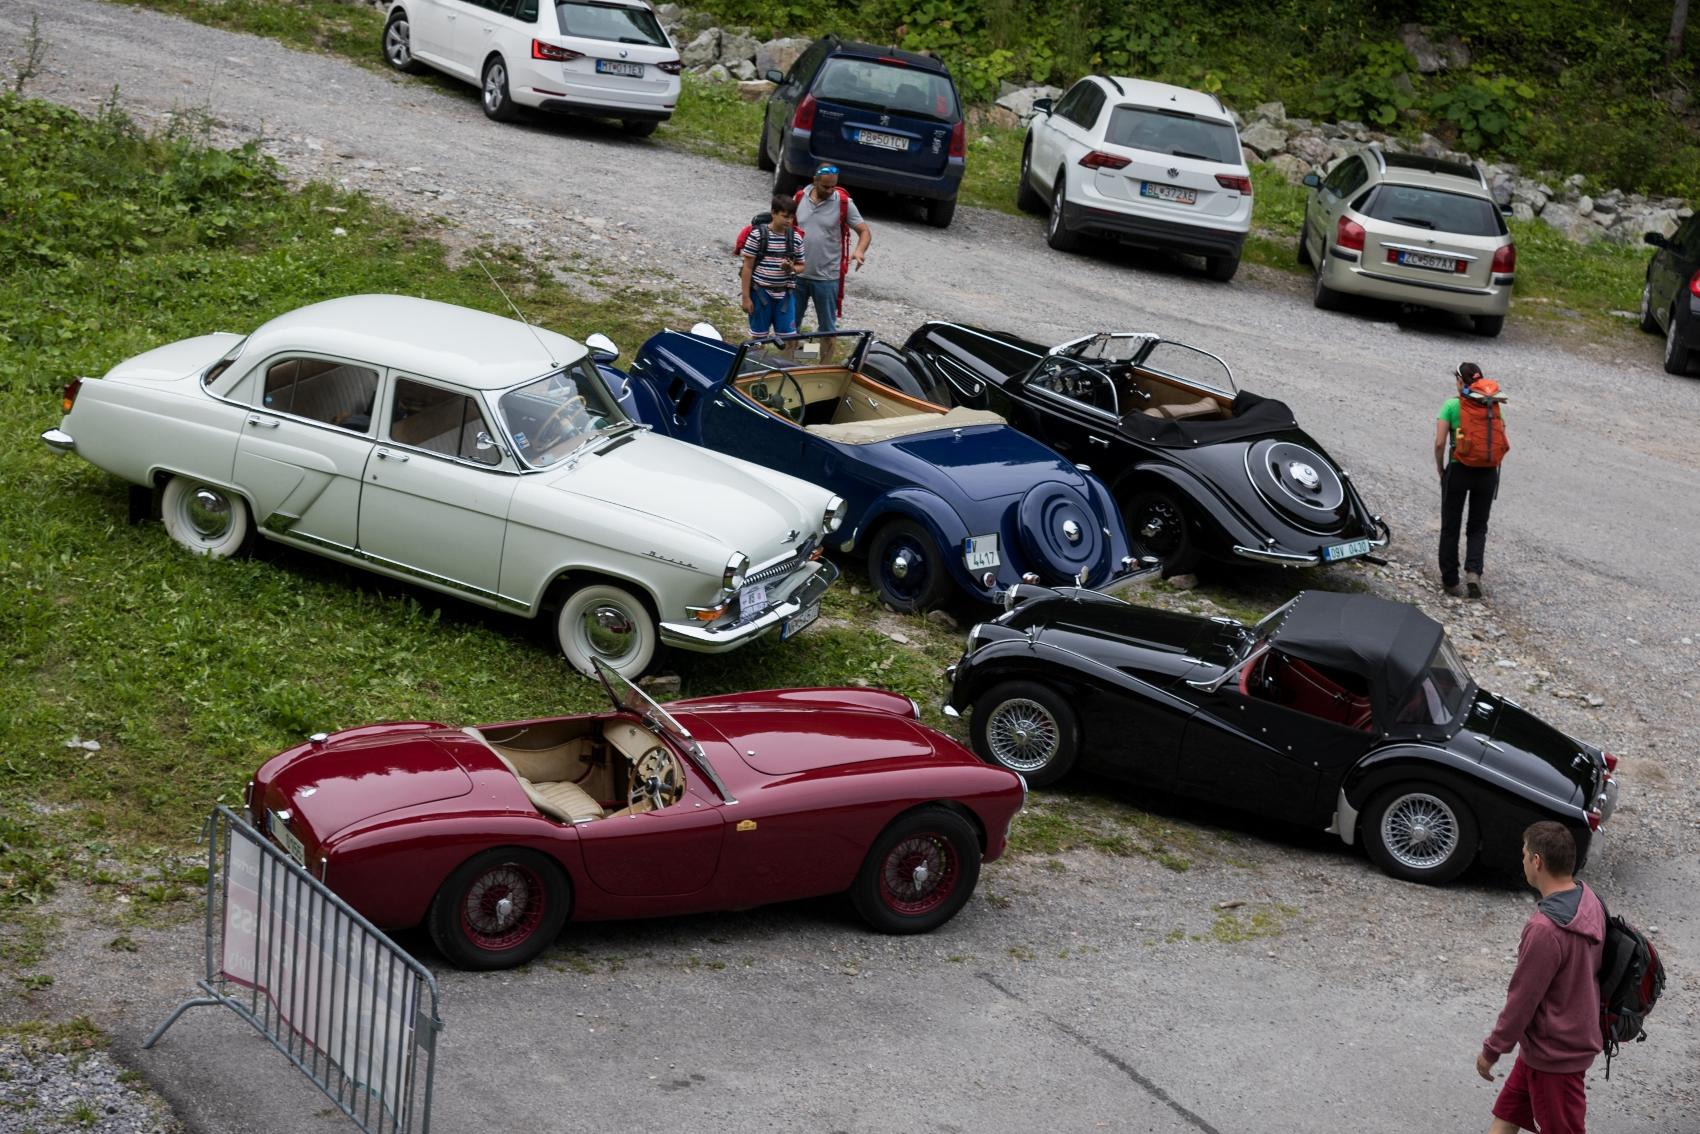 Pozrite si galériu z podujatia Beskyd Rallye – memoriál Ladislava Dlhopolčeka 2020 jHGfmFacZY turzov